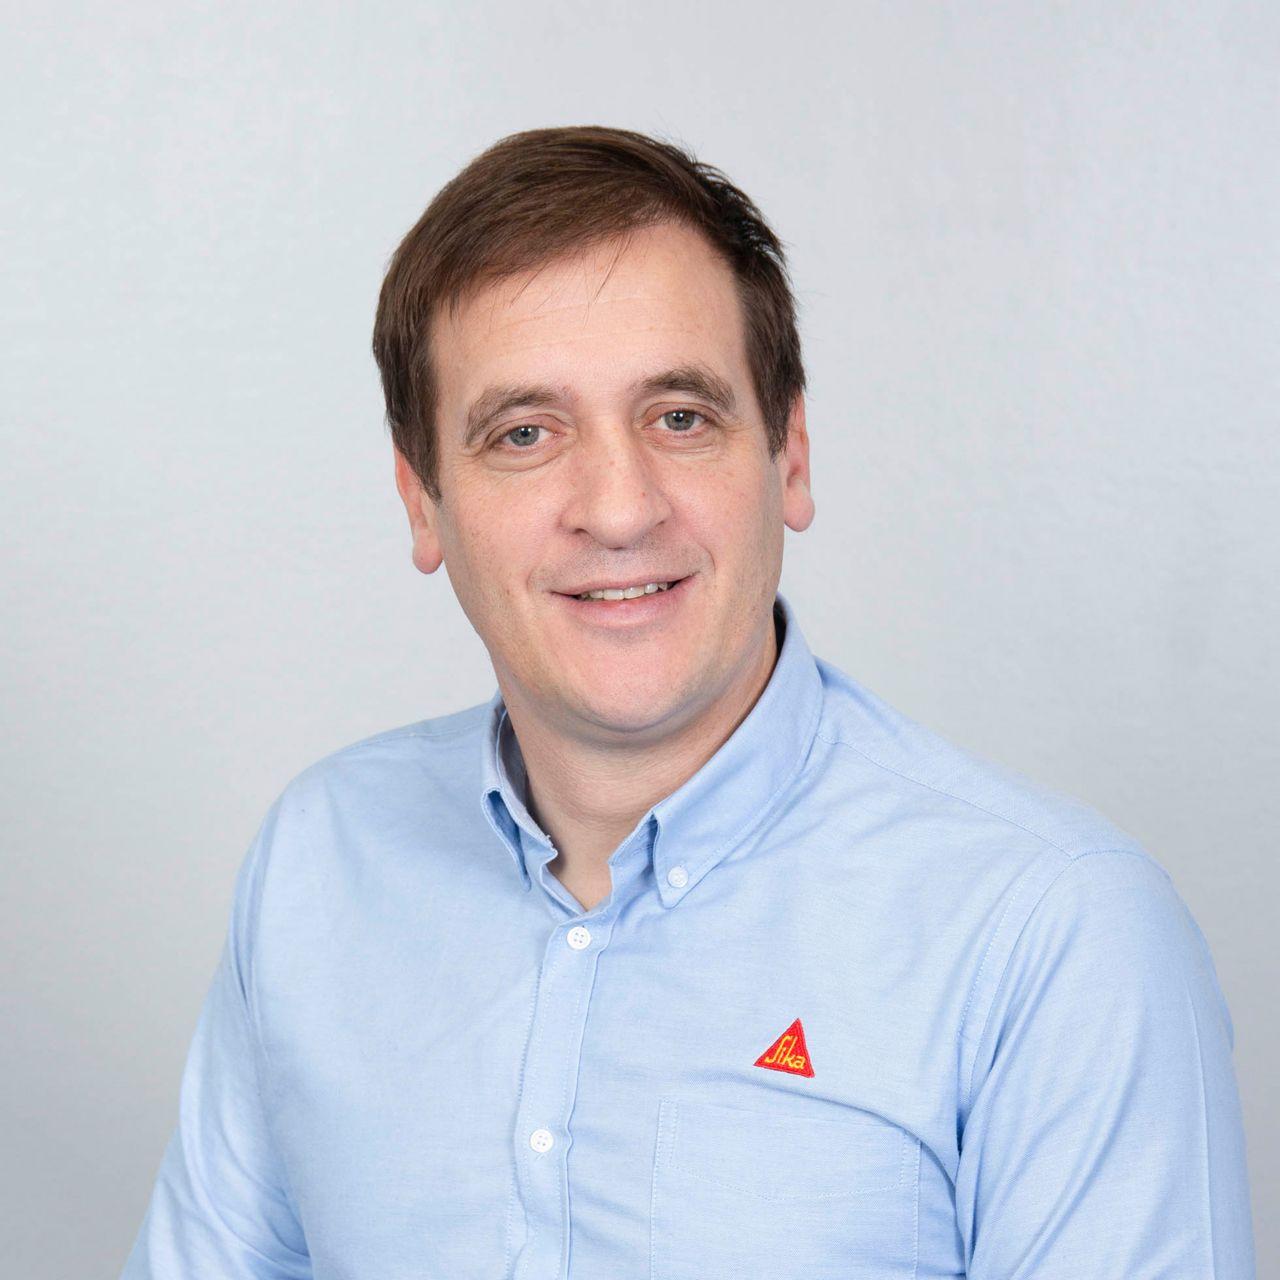 Alan McCann - Roofing Technical Advisor